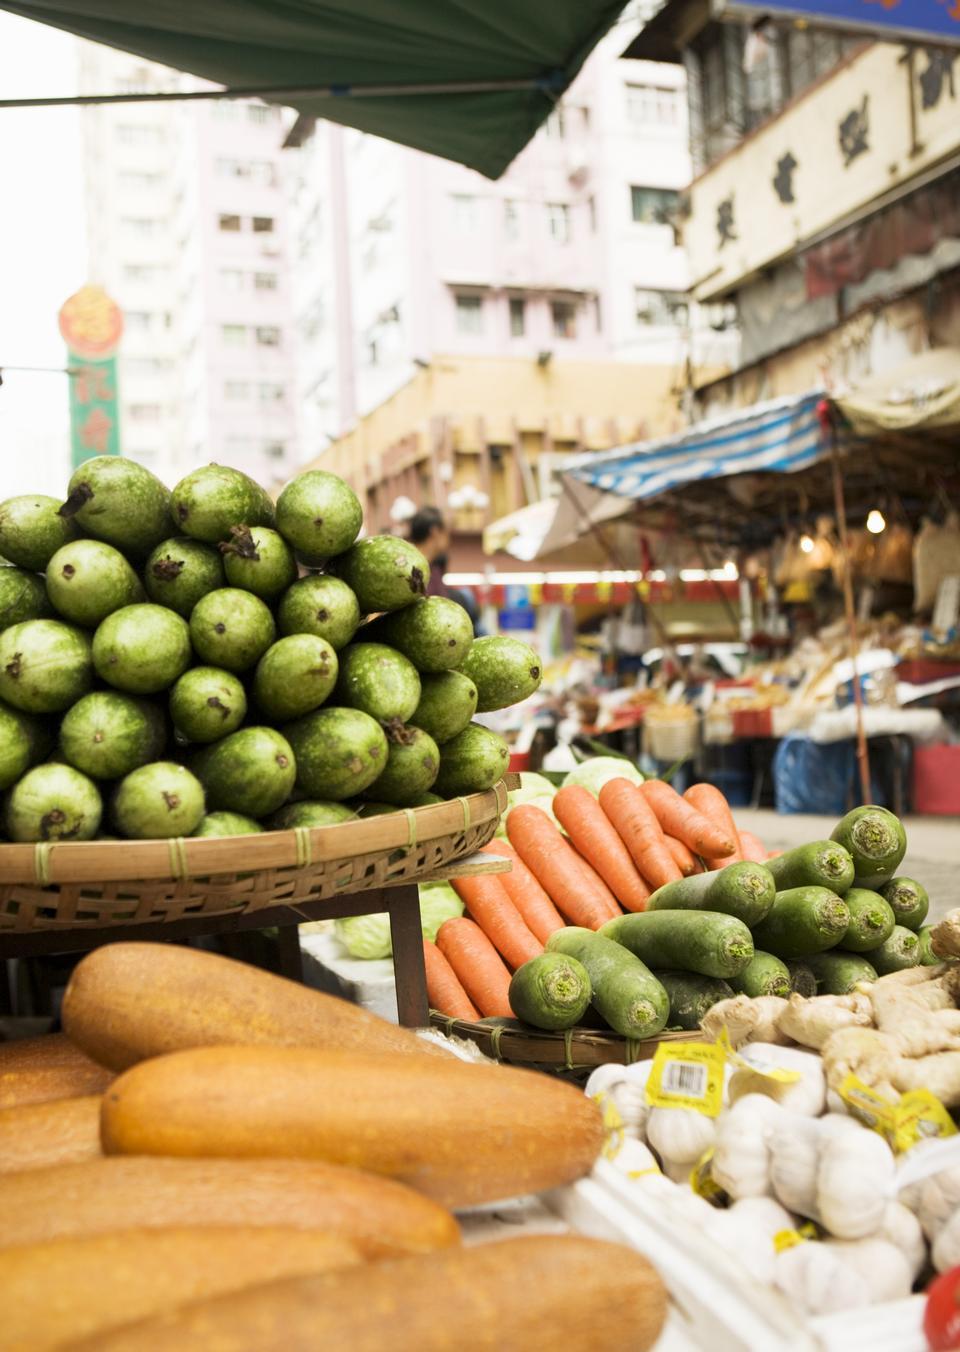 Shoppers in Hong Kong, China